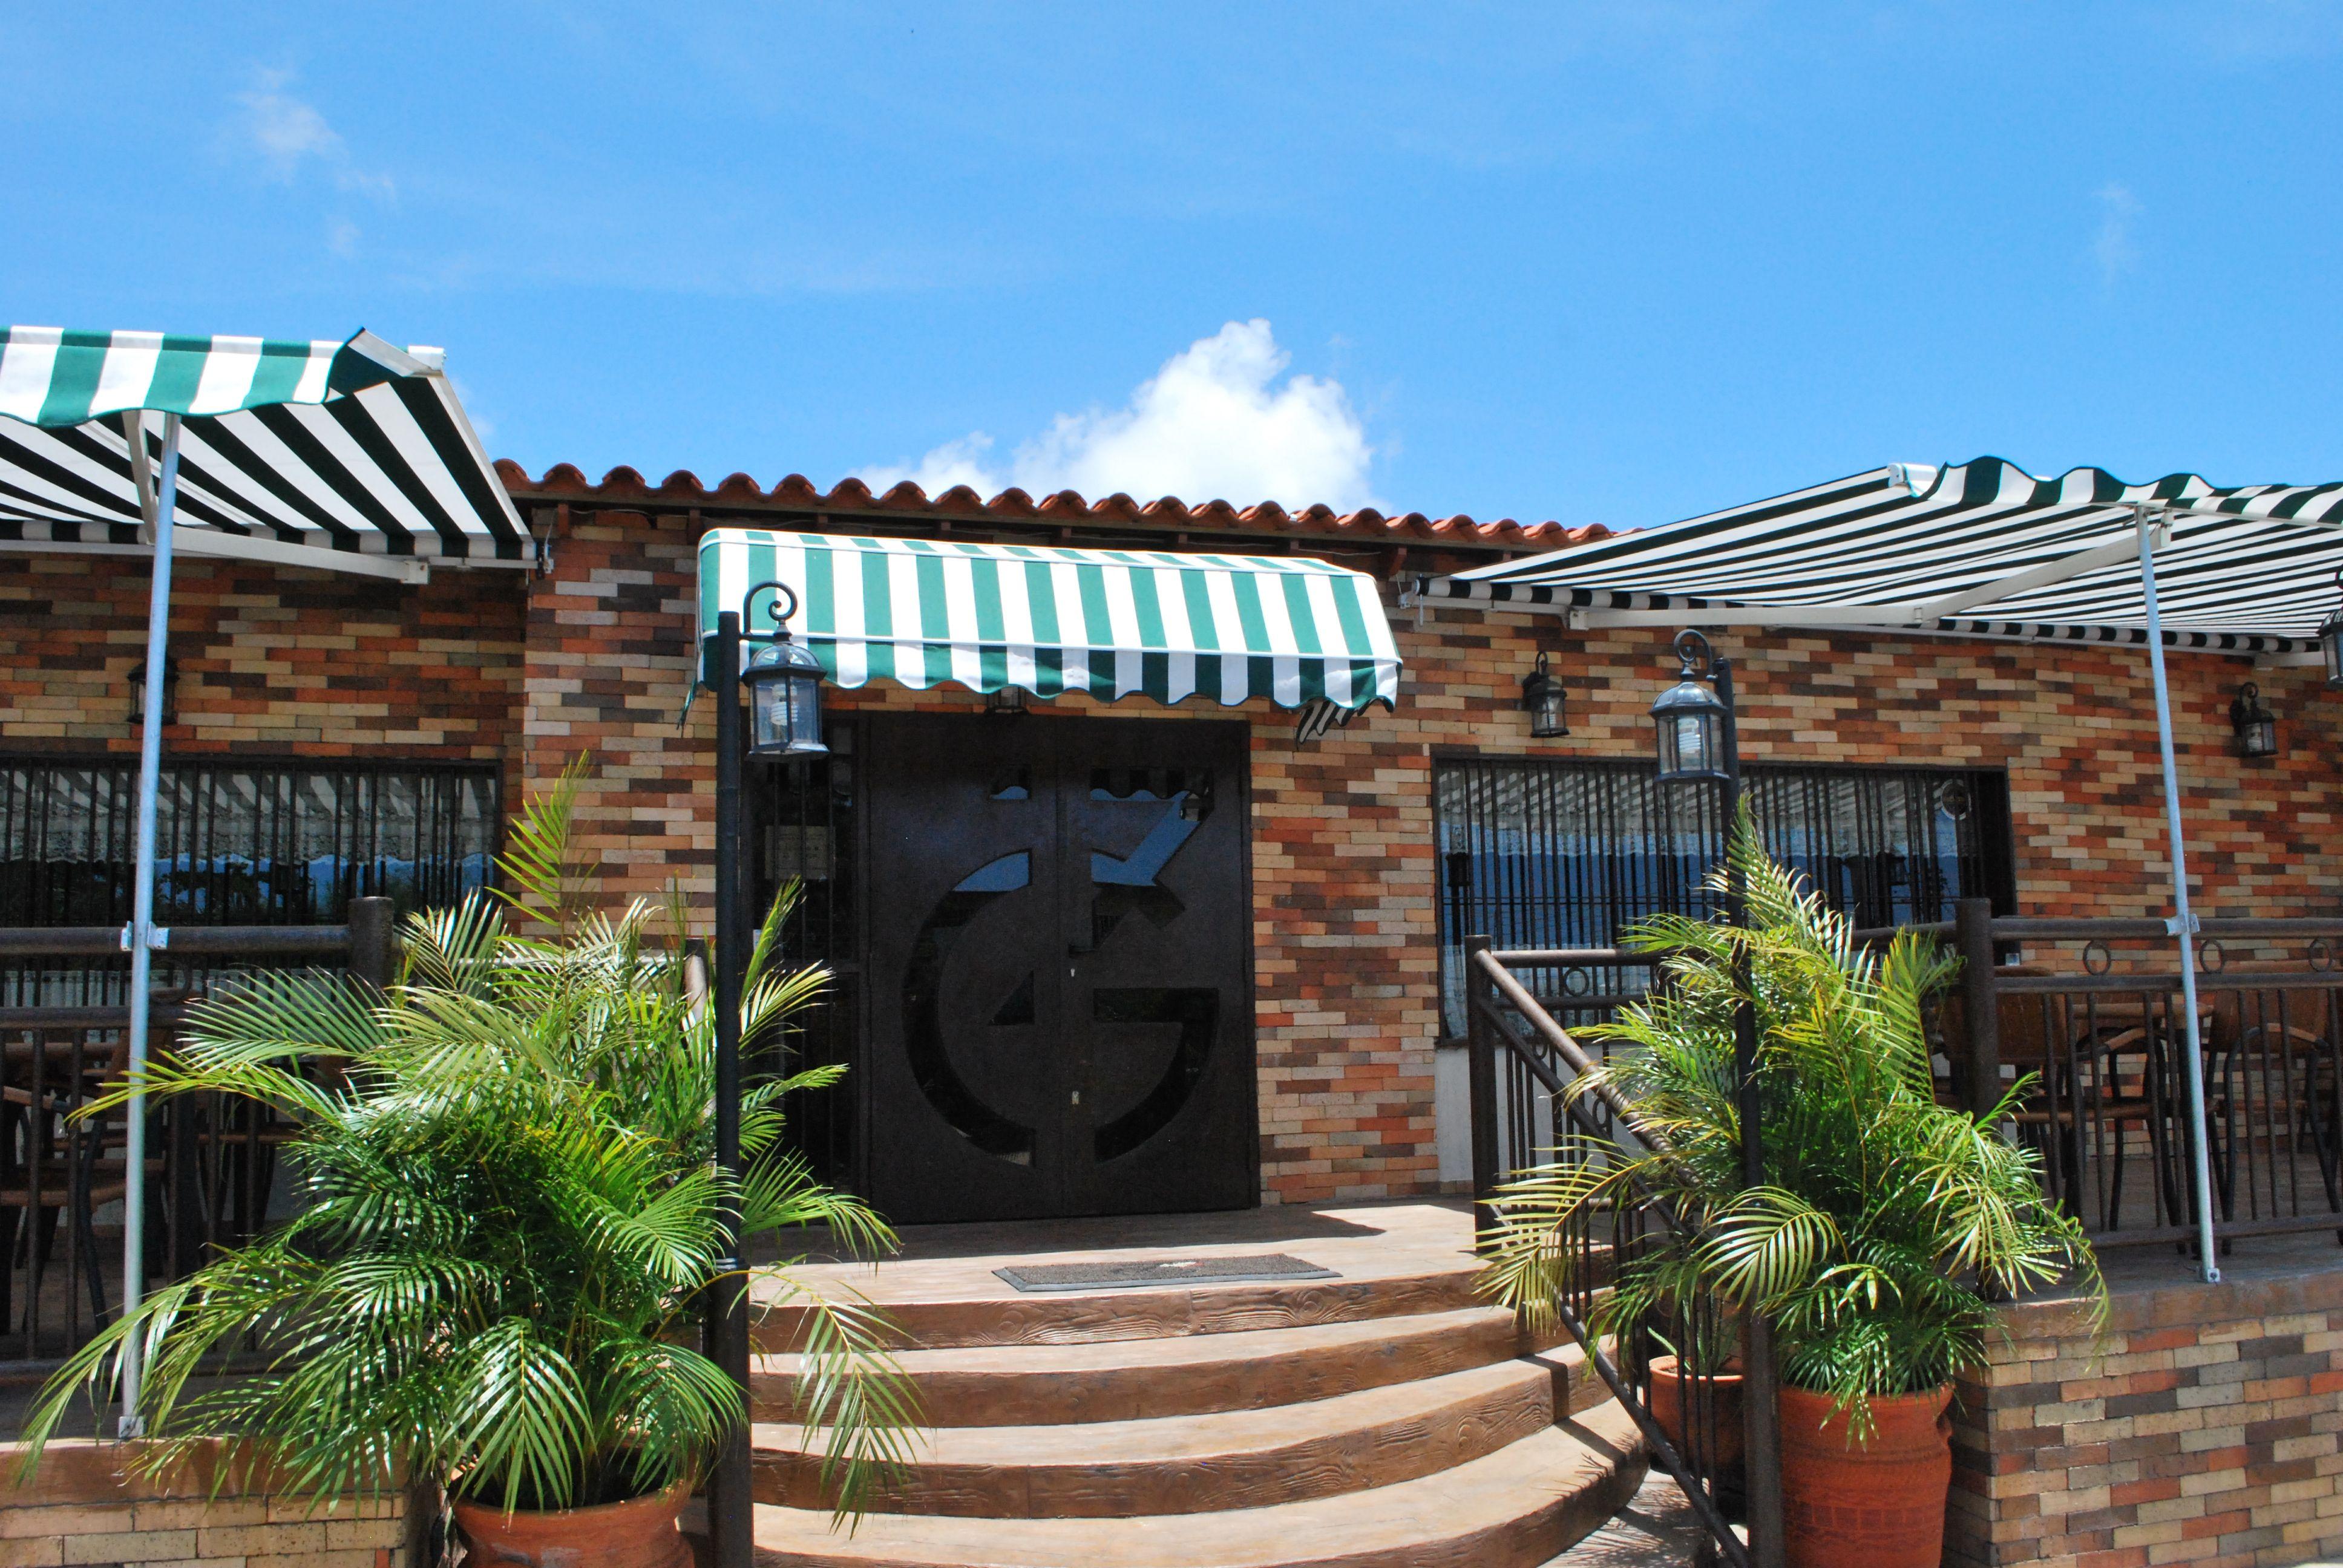 Restaurante Da Zio Giovanni Los Robles Isla De Margarita Venezuela Outdoor Structures Pergola Outdoor